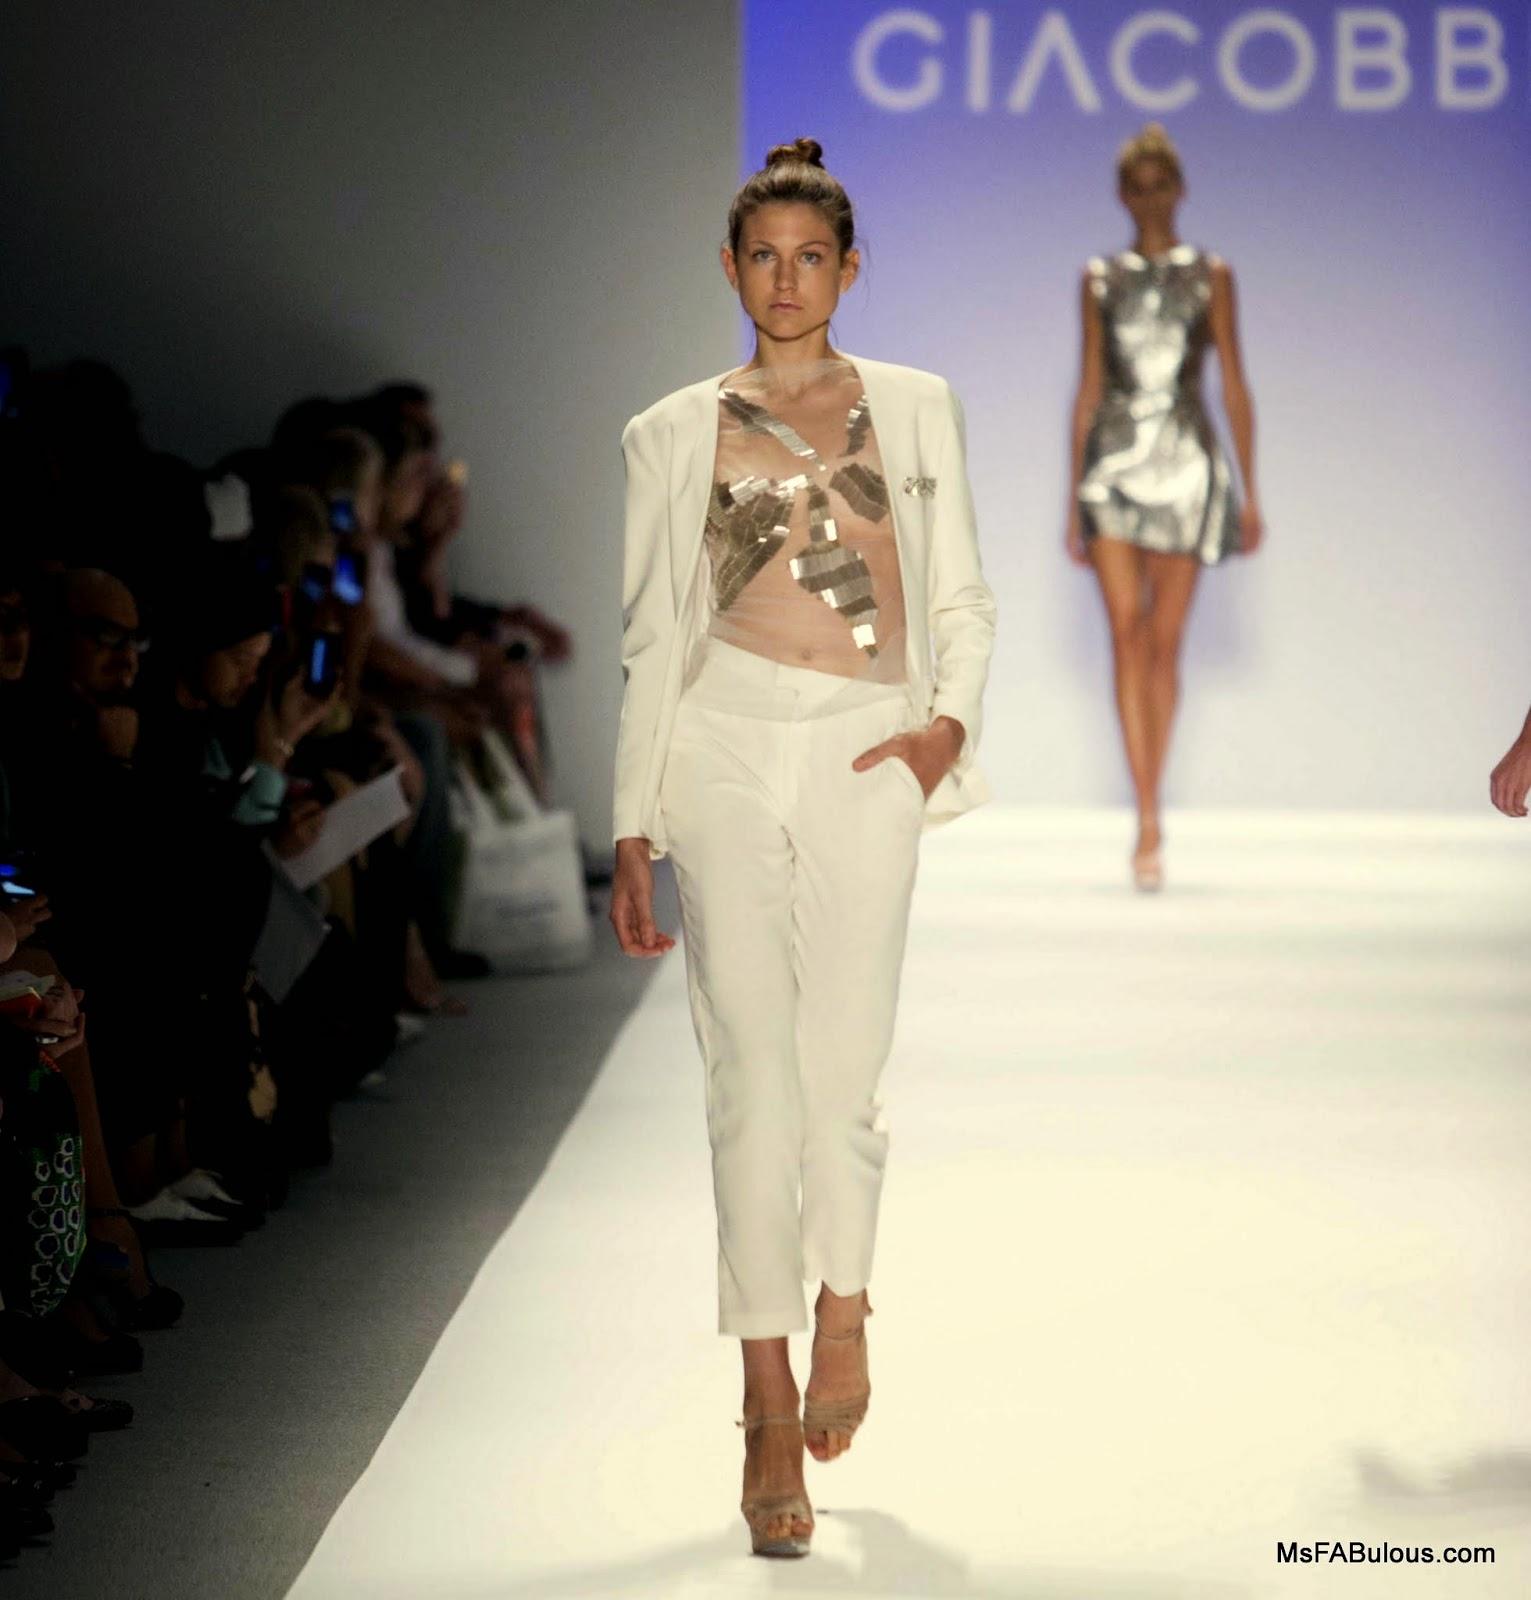 giacobbe fashion